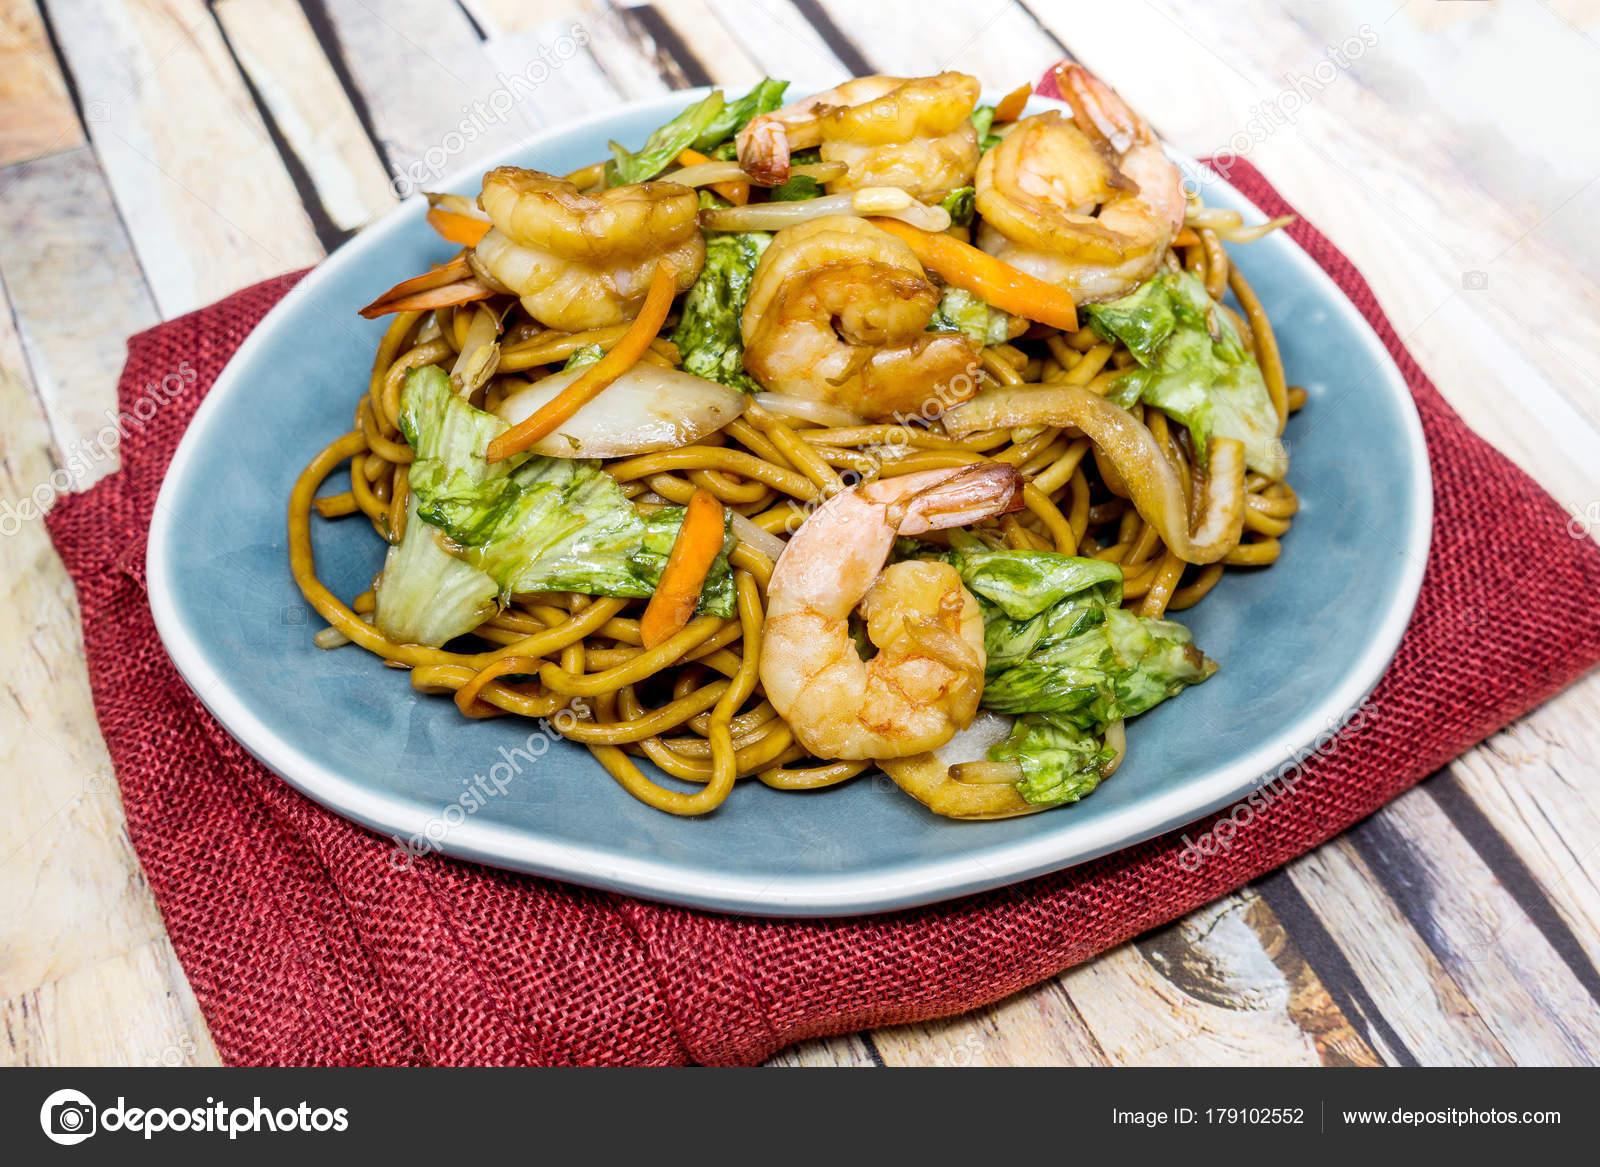 Kuchnia Azjatycka Smazone Krewetki Makaron Na Stole Zdjecie